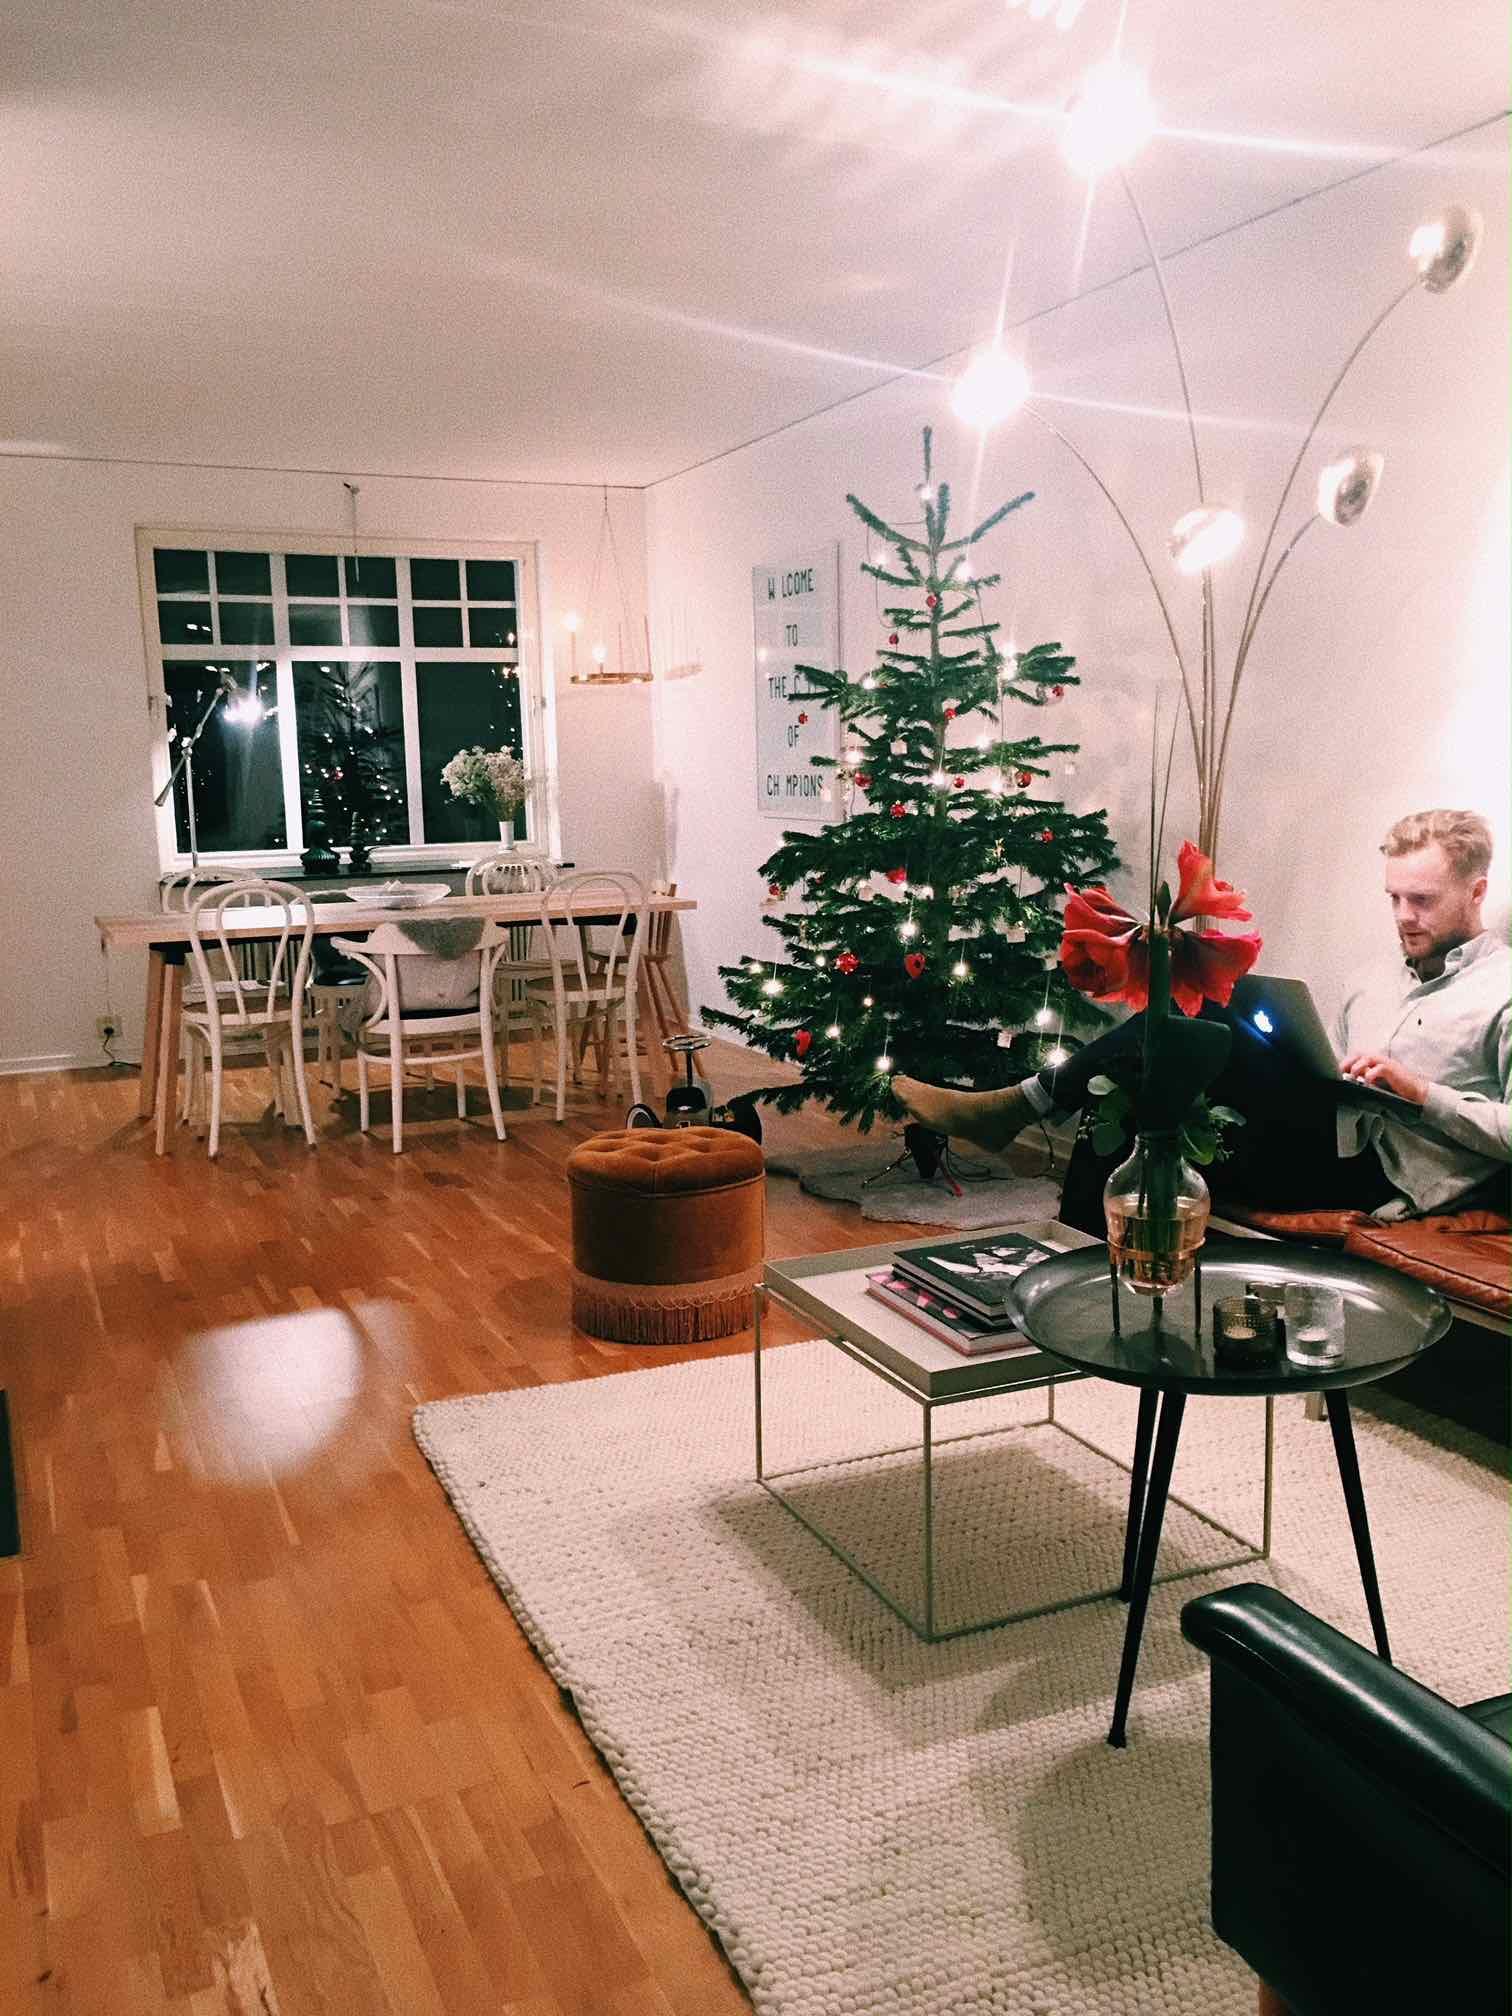 HEIMA: IKEA NÝJUNGAR